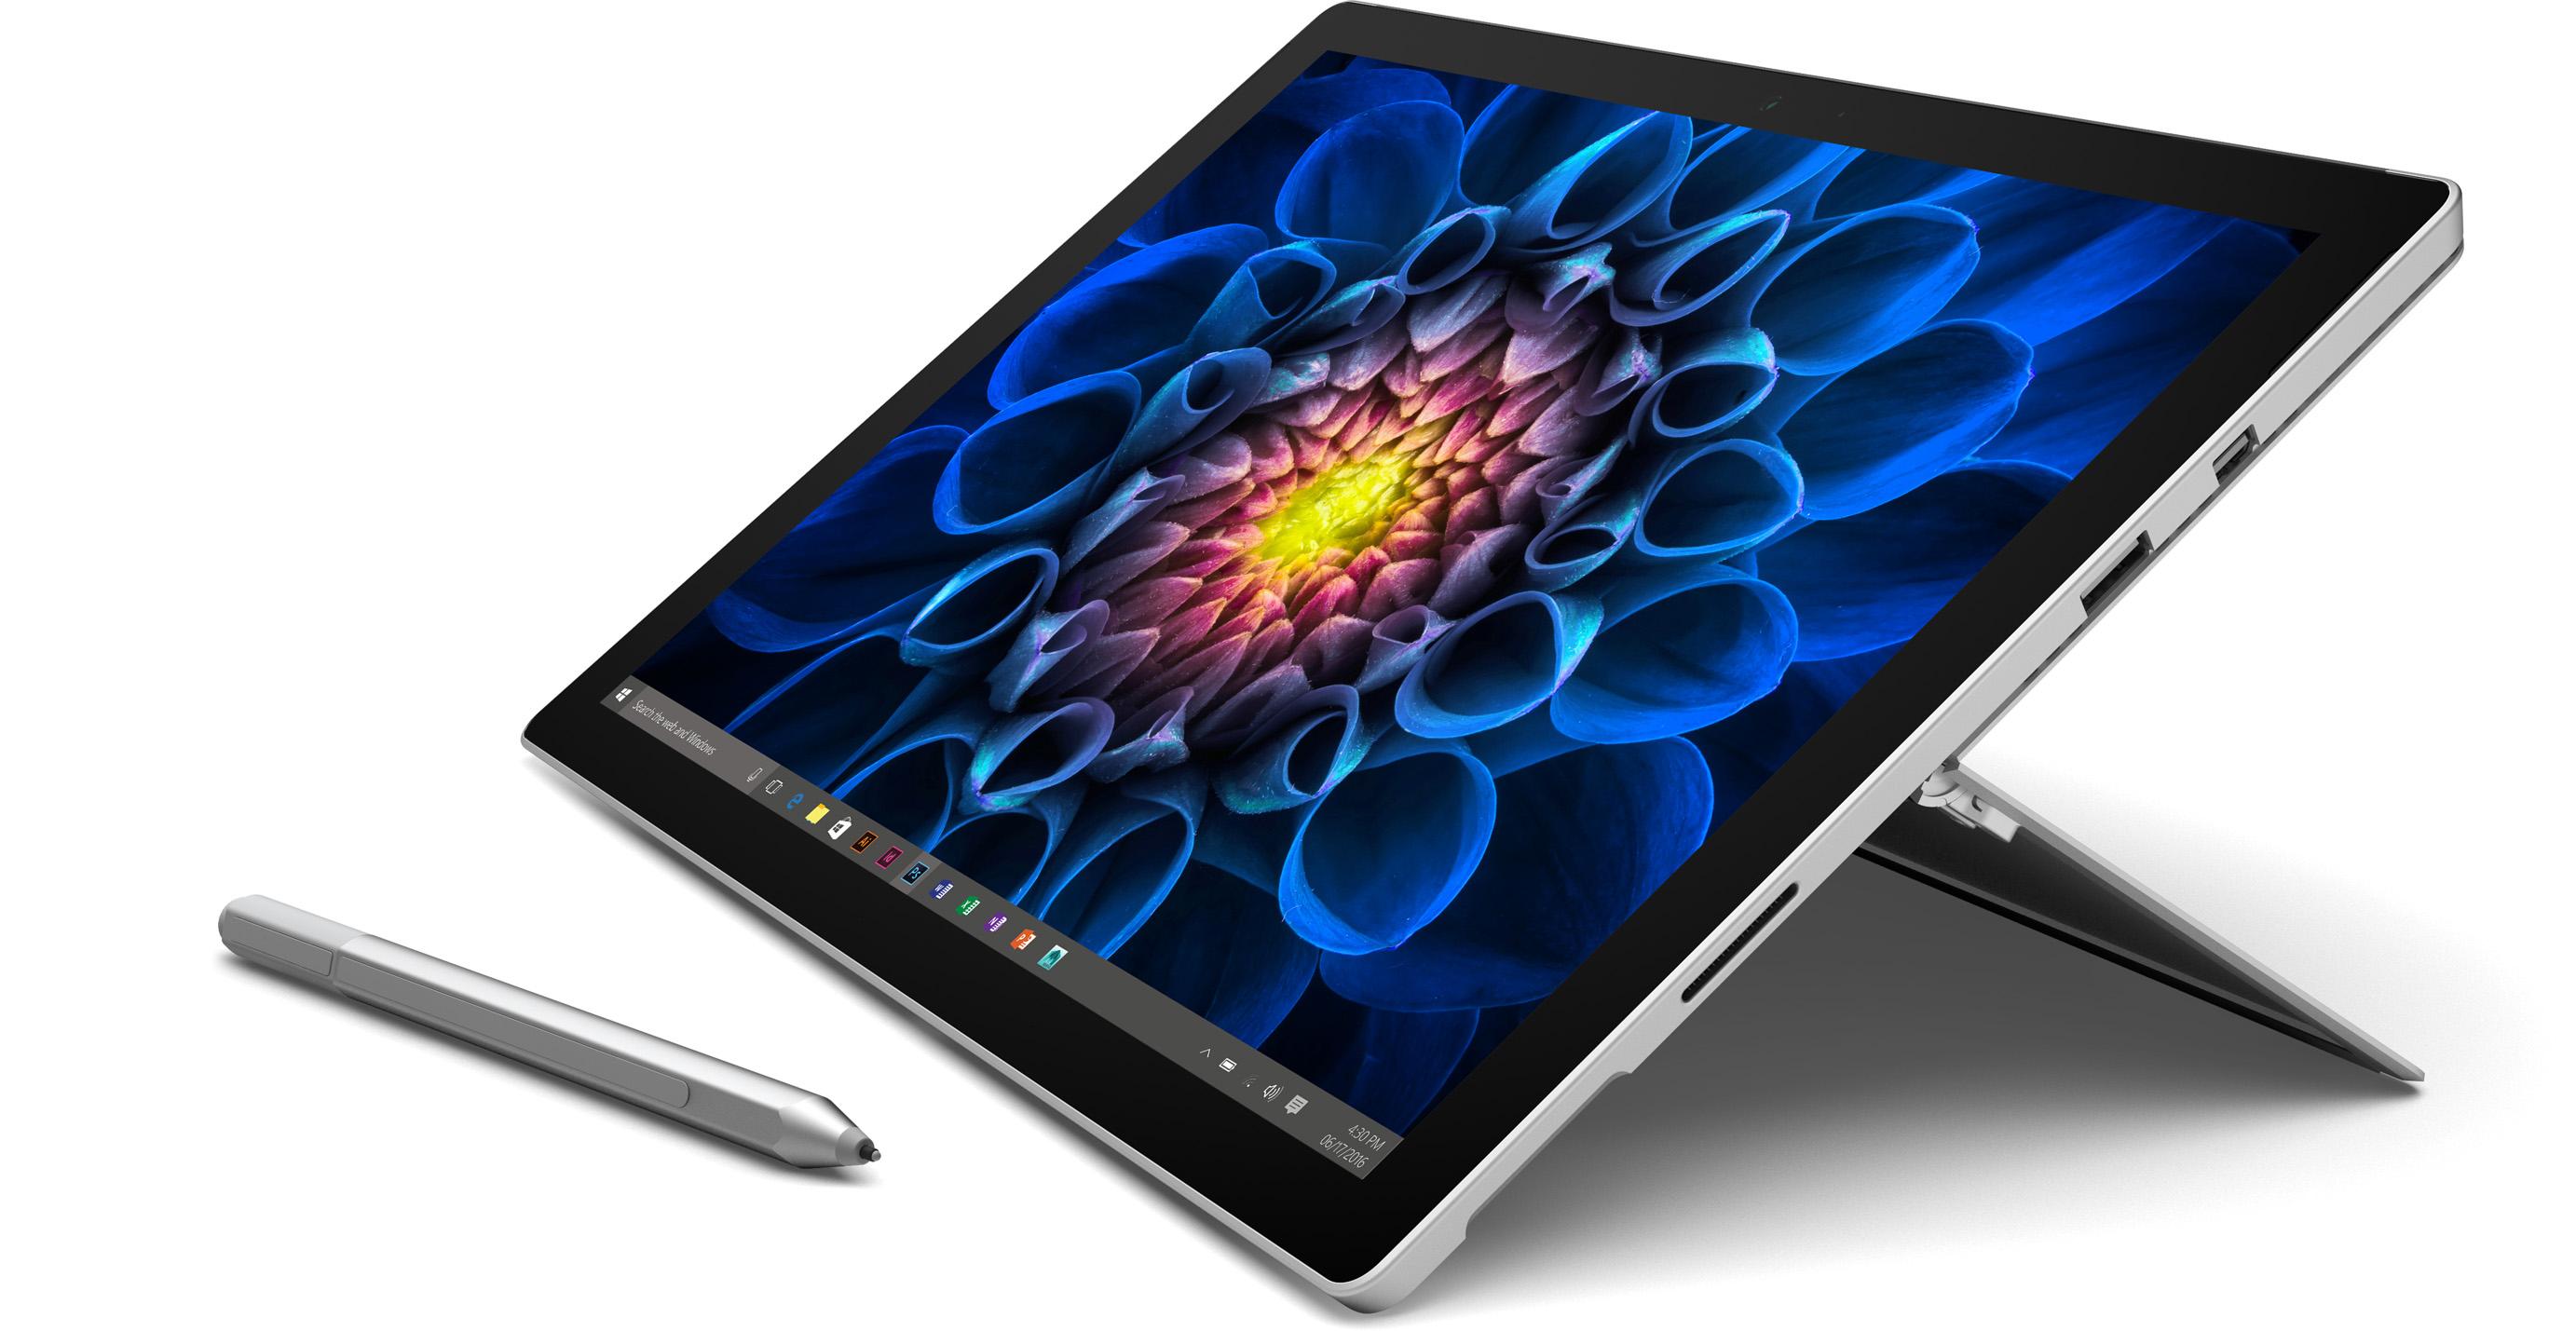 Microsoft Surface Pro 4 - 1TB / Intel Core i7